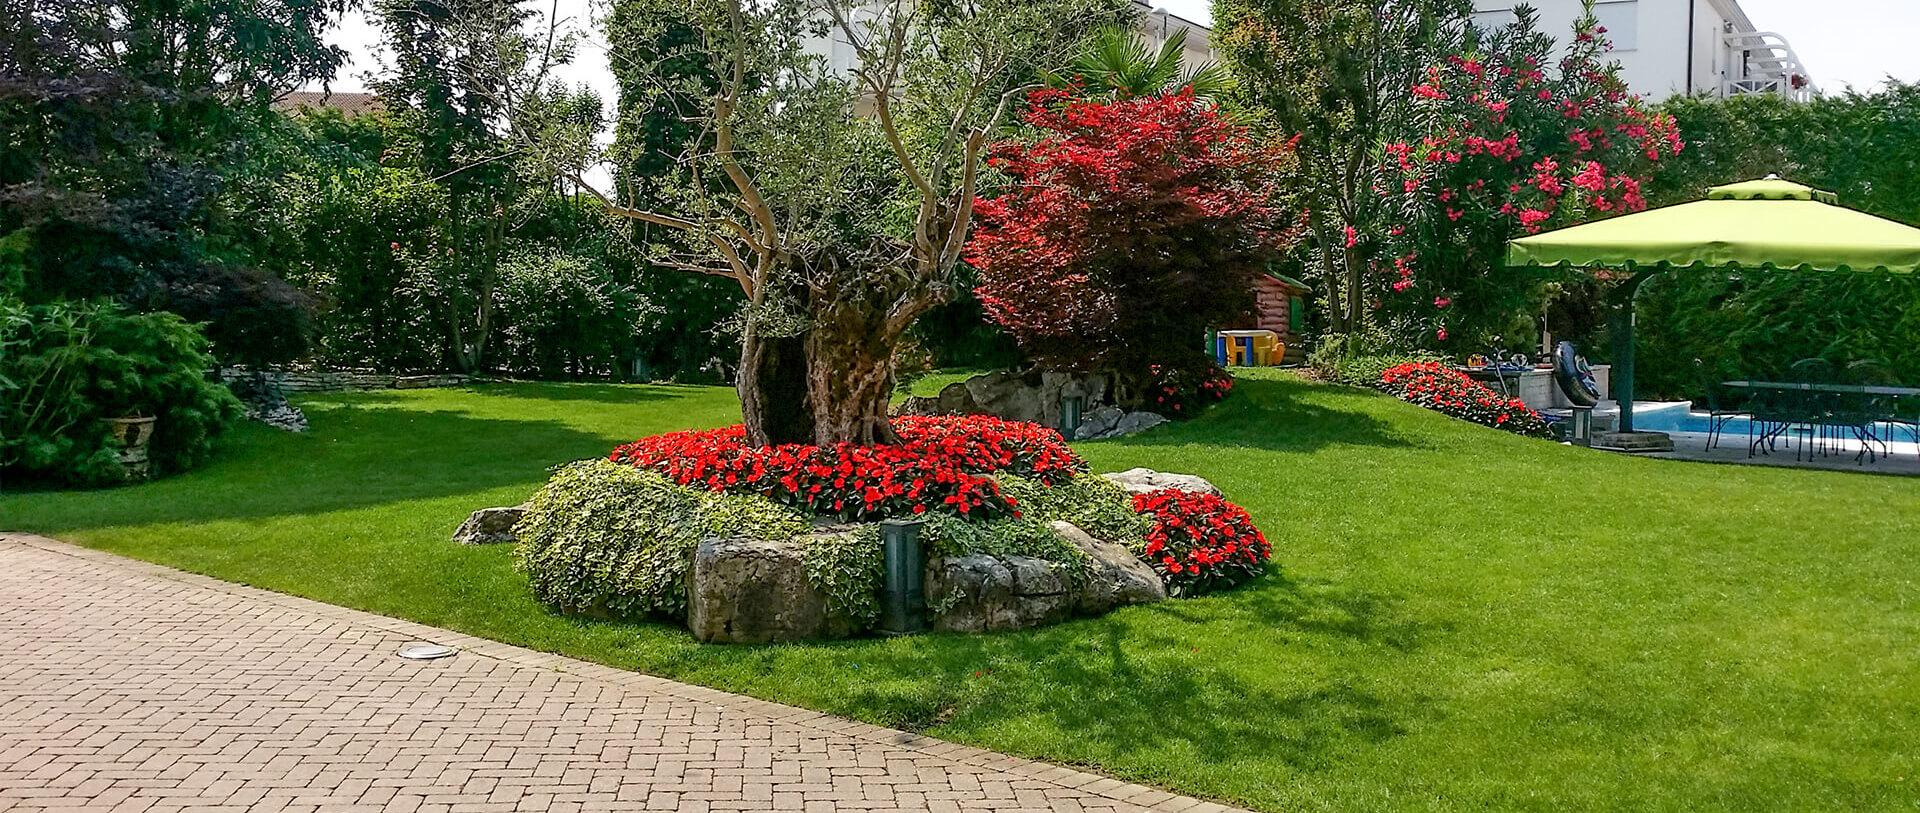 realizzazione e manutenzione giardini vicenza - verde blu